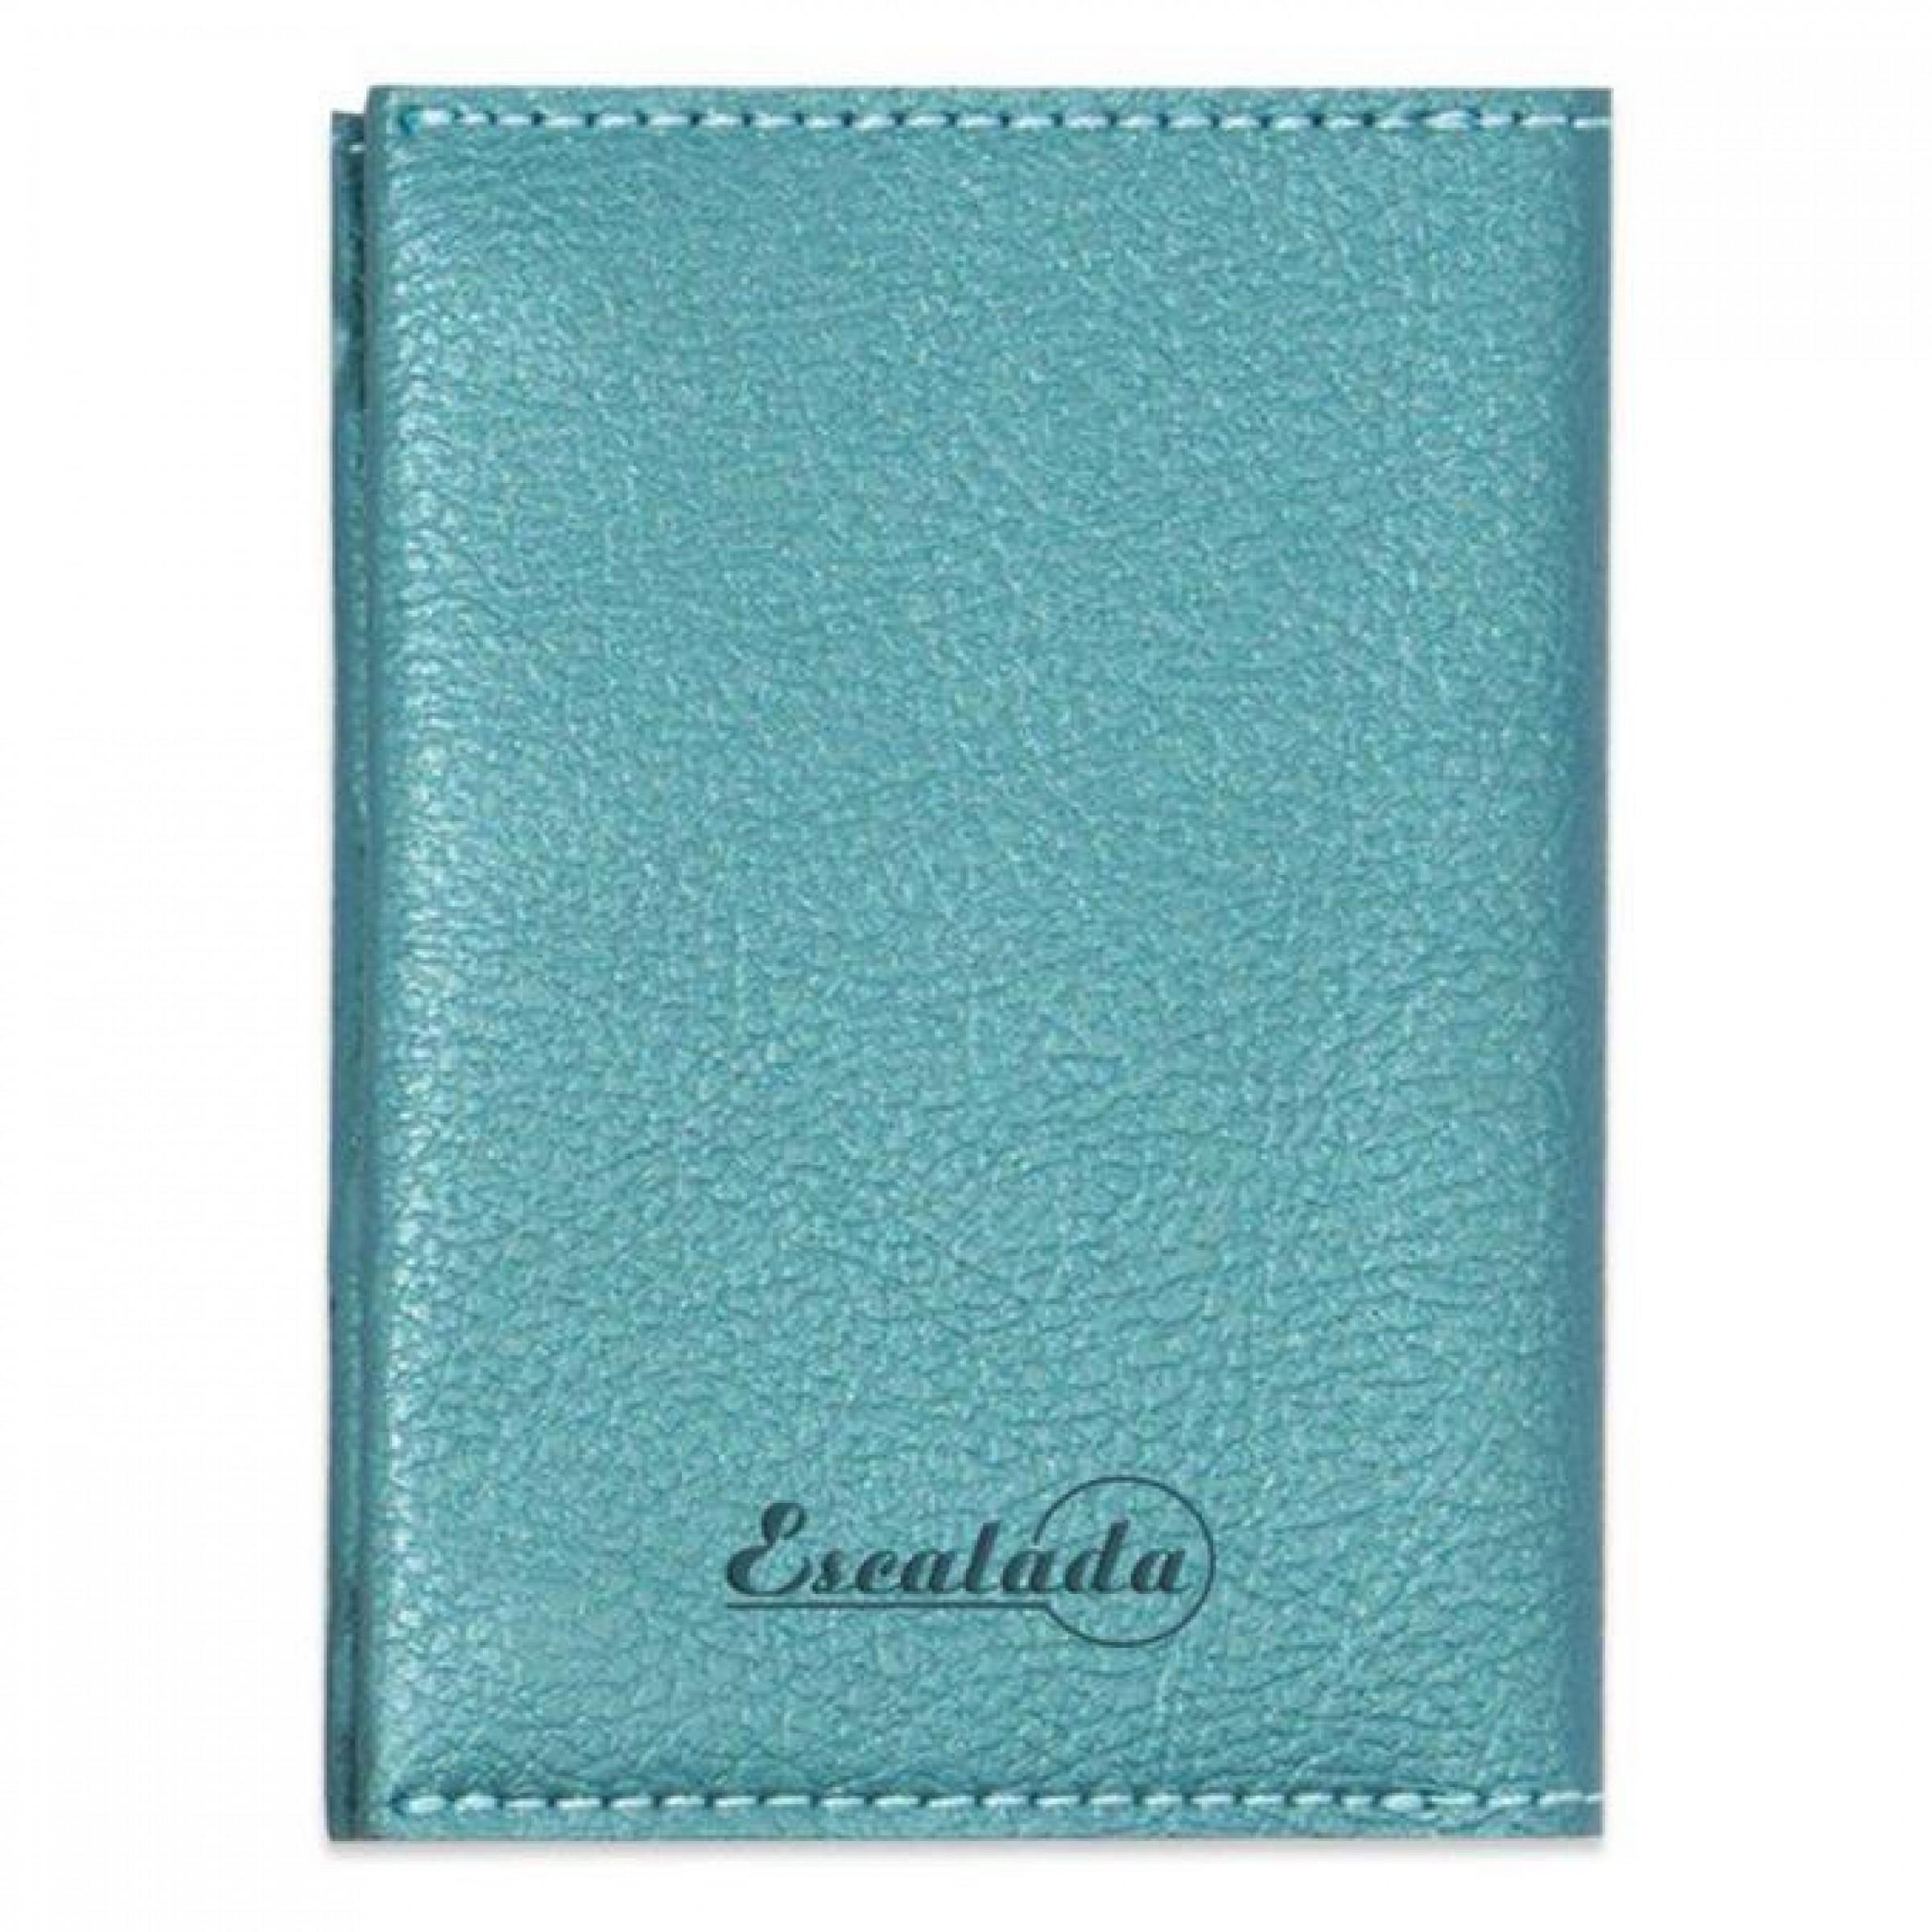 """Чехол для пластиковых карт """"Наппа"""", зеленовато-голубой металлик, 70x105 мм"""